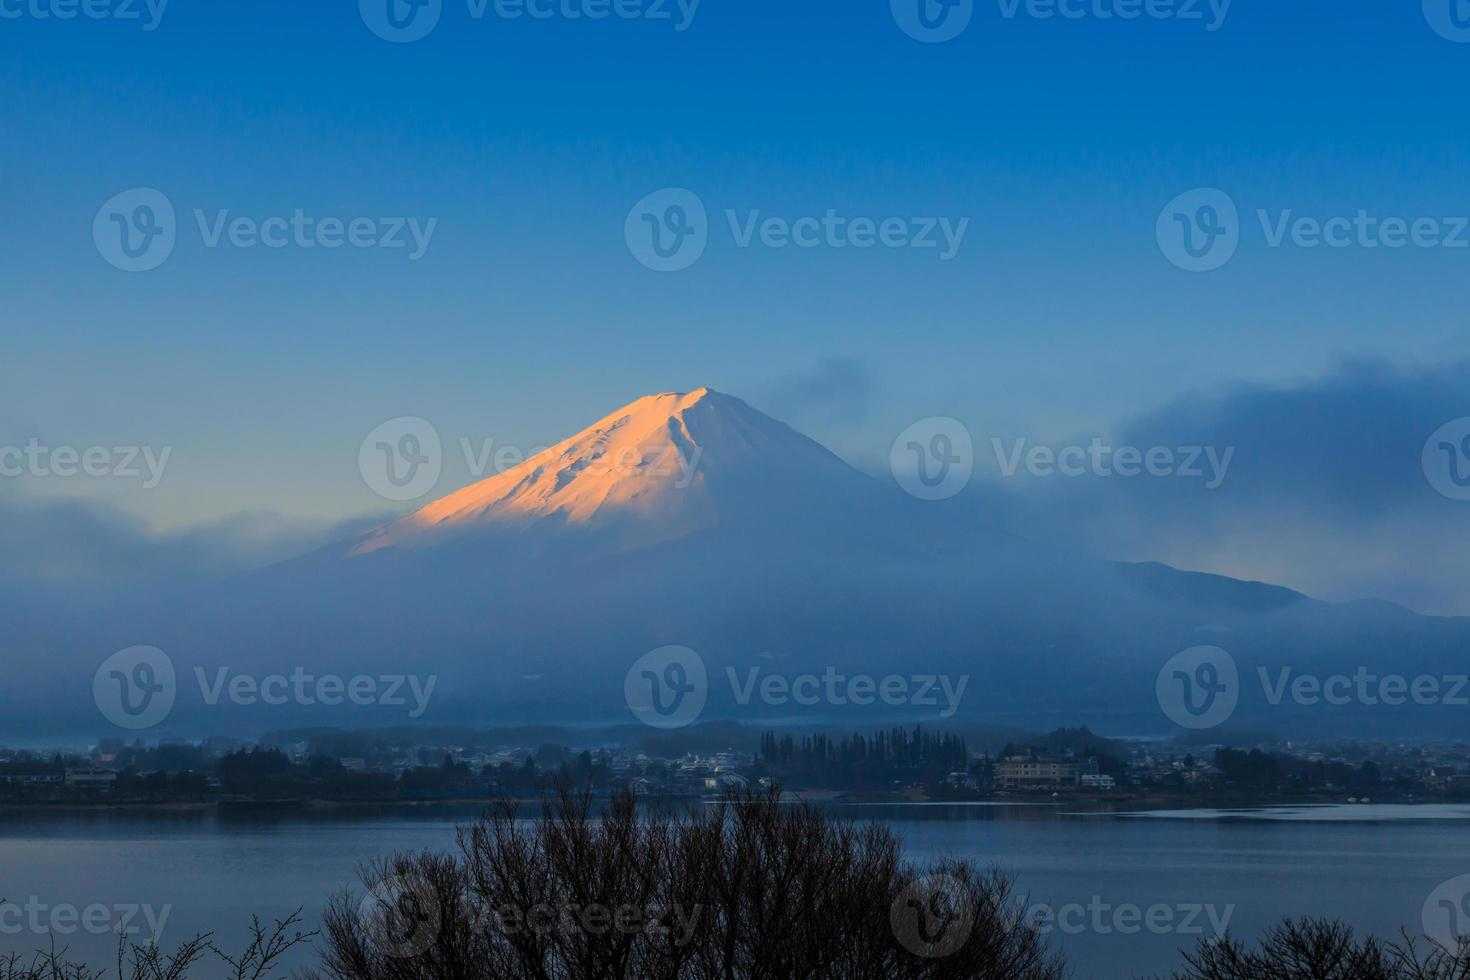 montaña fuji, kawaguchiko, japón foto